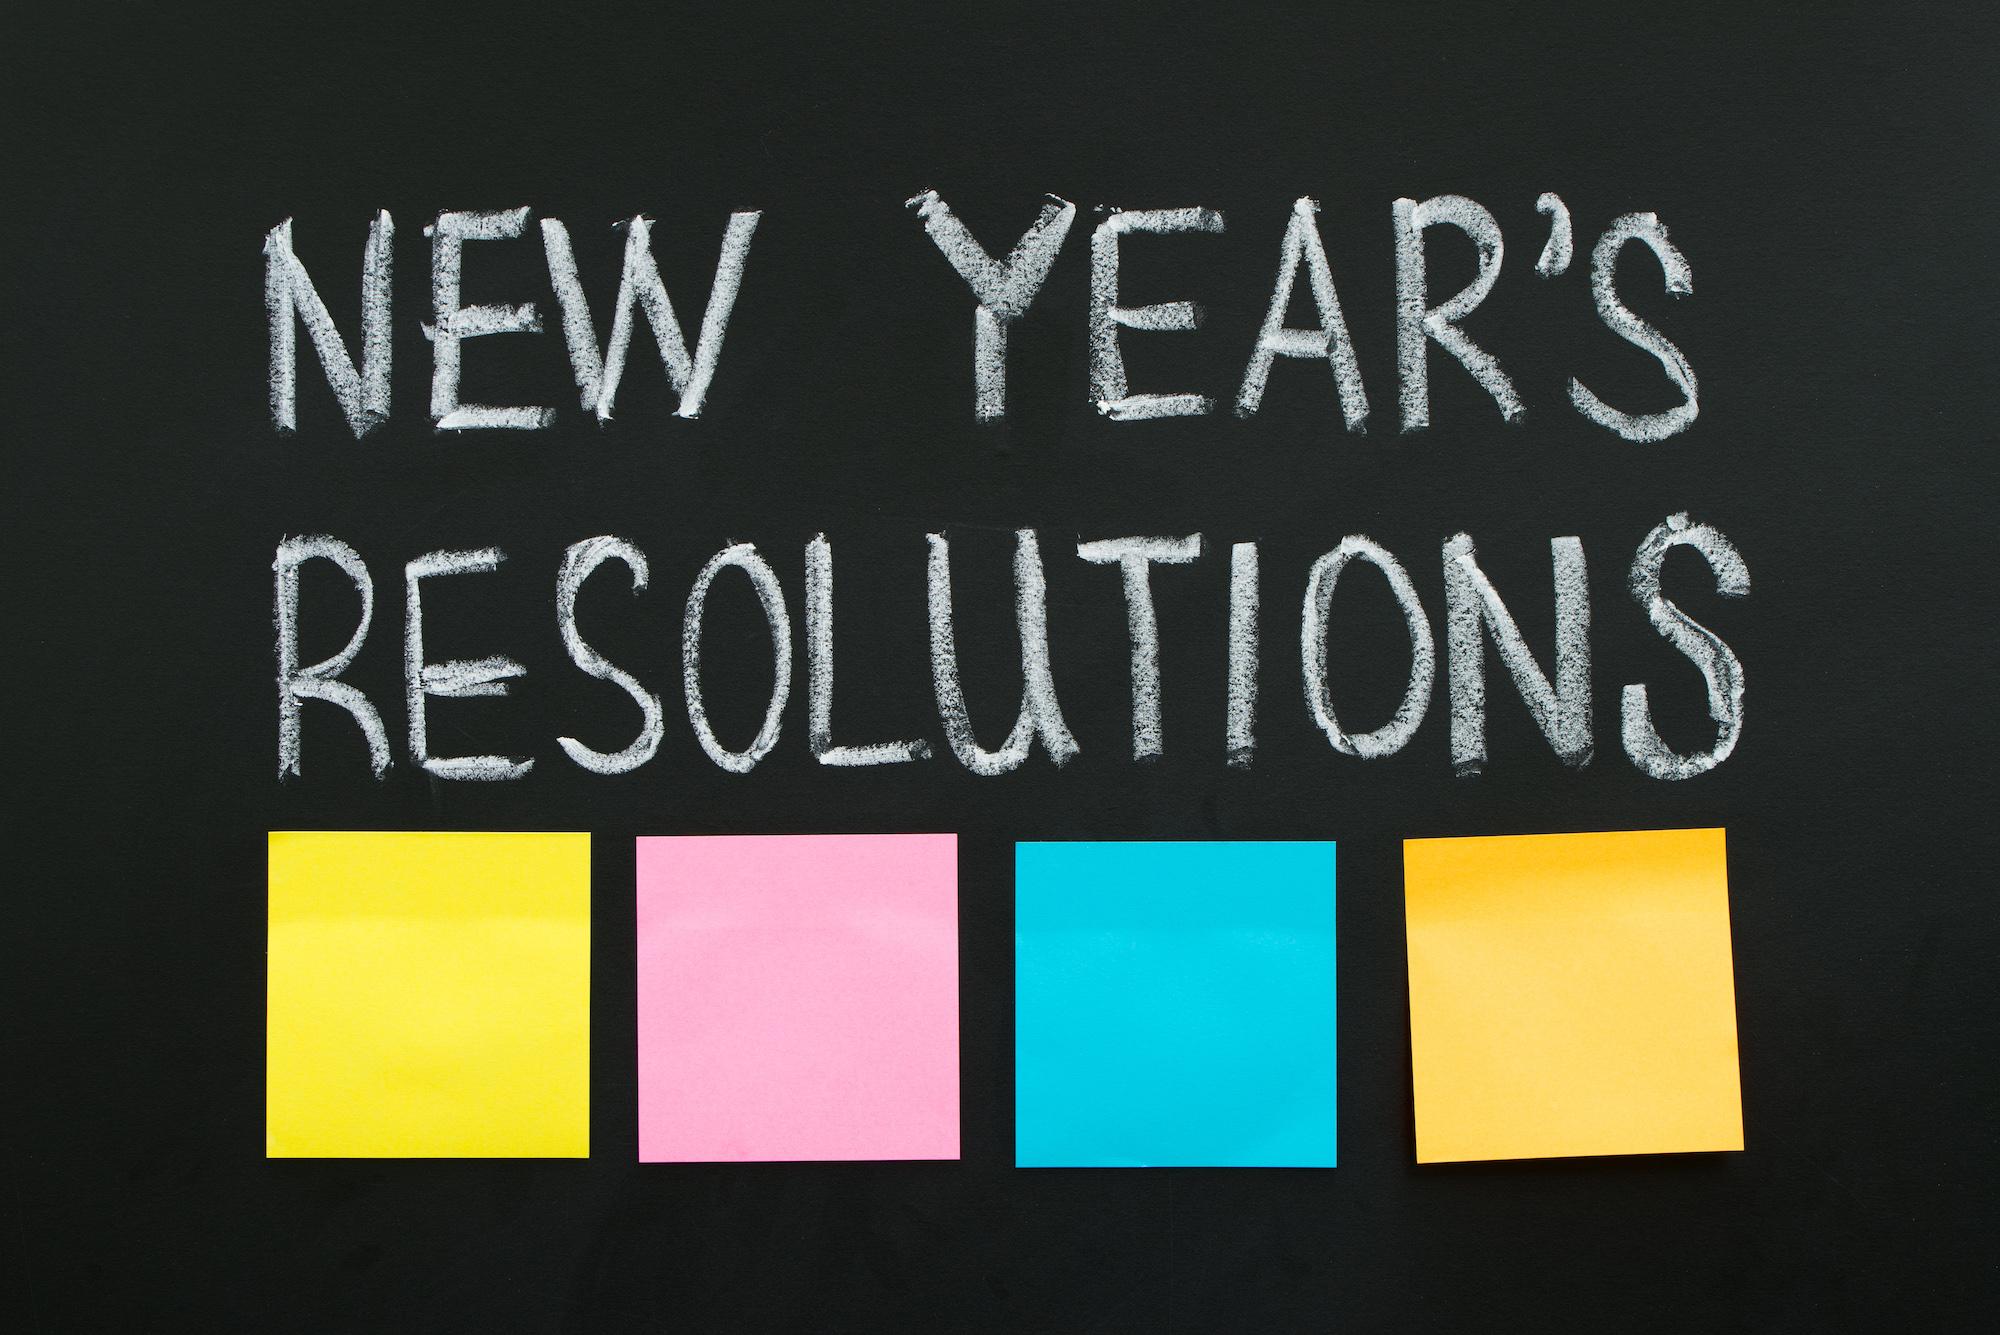 new-year-resolutions-PBG9APQ.JPG